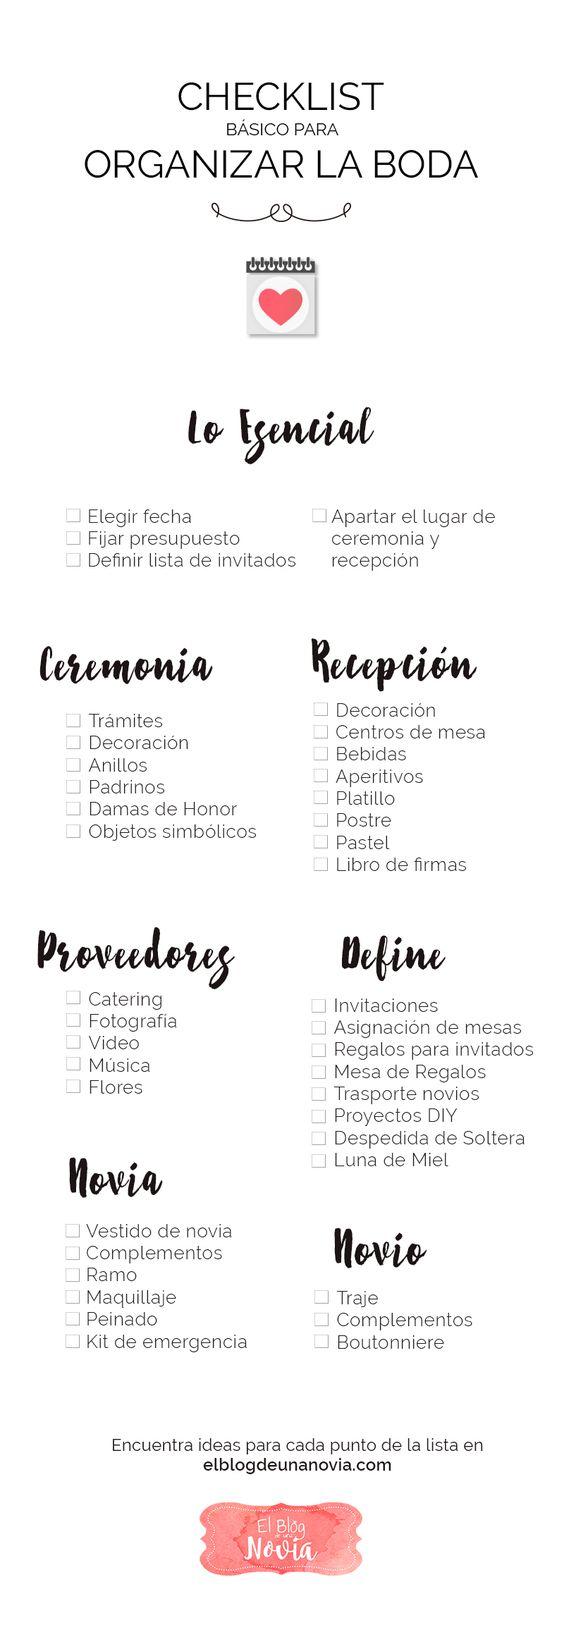 Checklist para Organizar la Boda | El Blog de una Novia | #infografía #boda